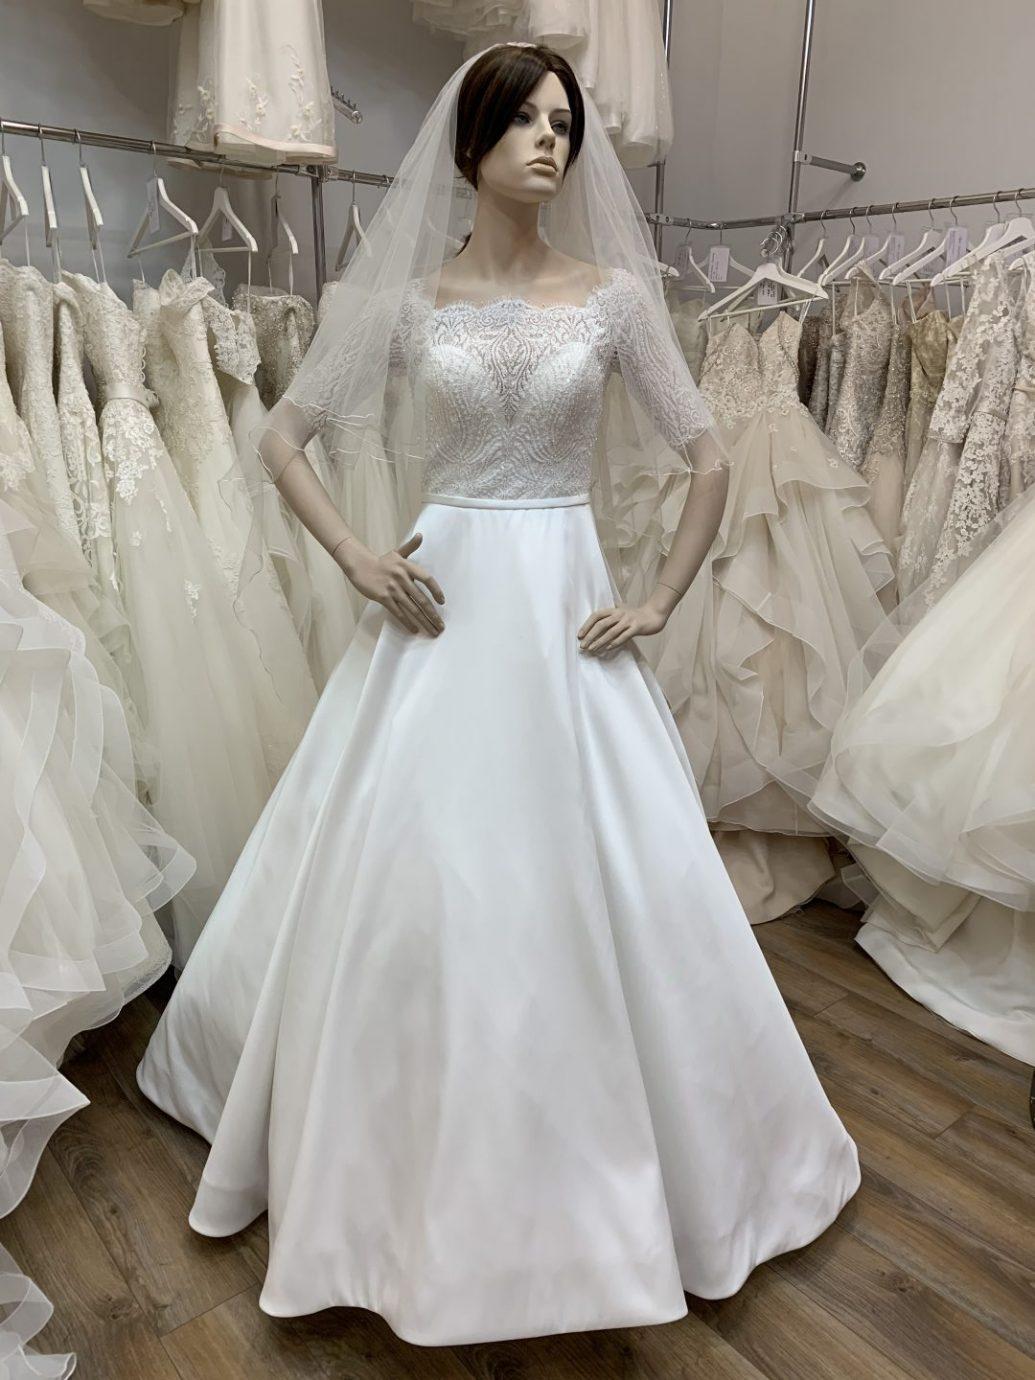 Az Igen Szalonban megtalálhatja az esküvőhöz szükséges kiegészítőket, mint például fátyol, hajdísz.